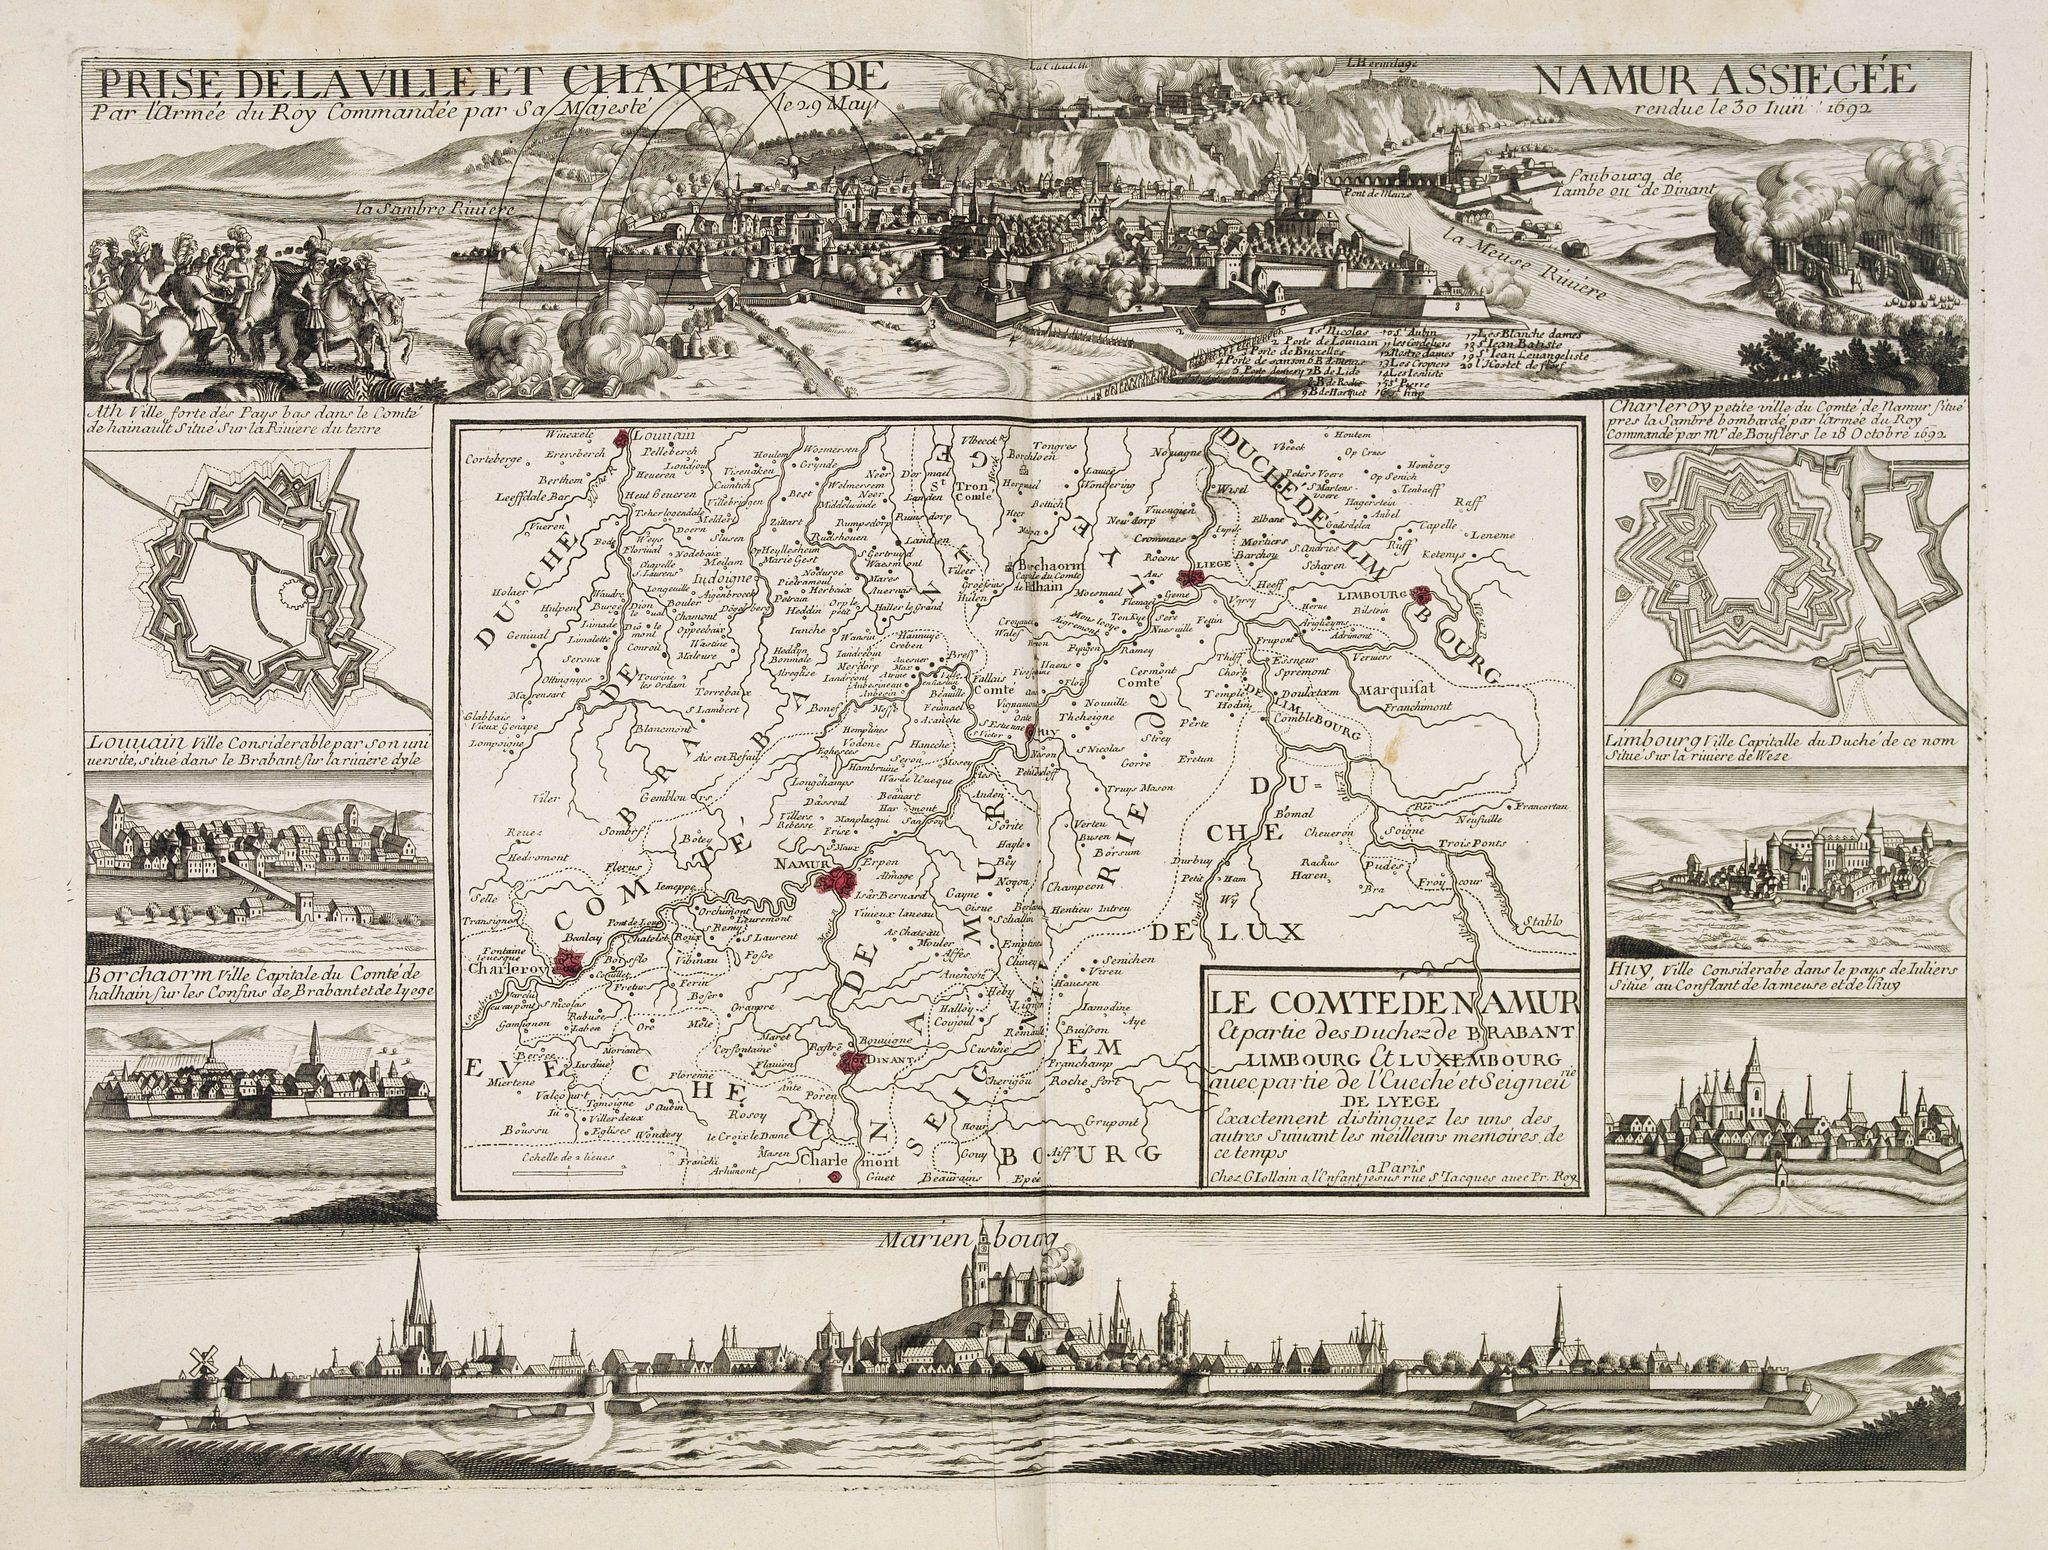 JOLLAIN, F. -  Le comte de Namur et partie des Duchez de Brabant. . .